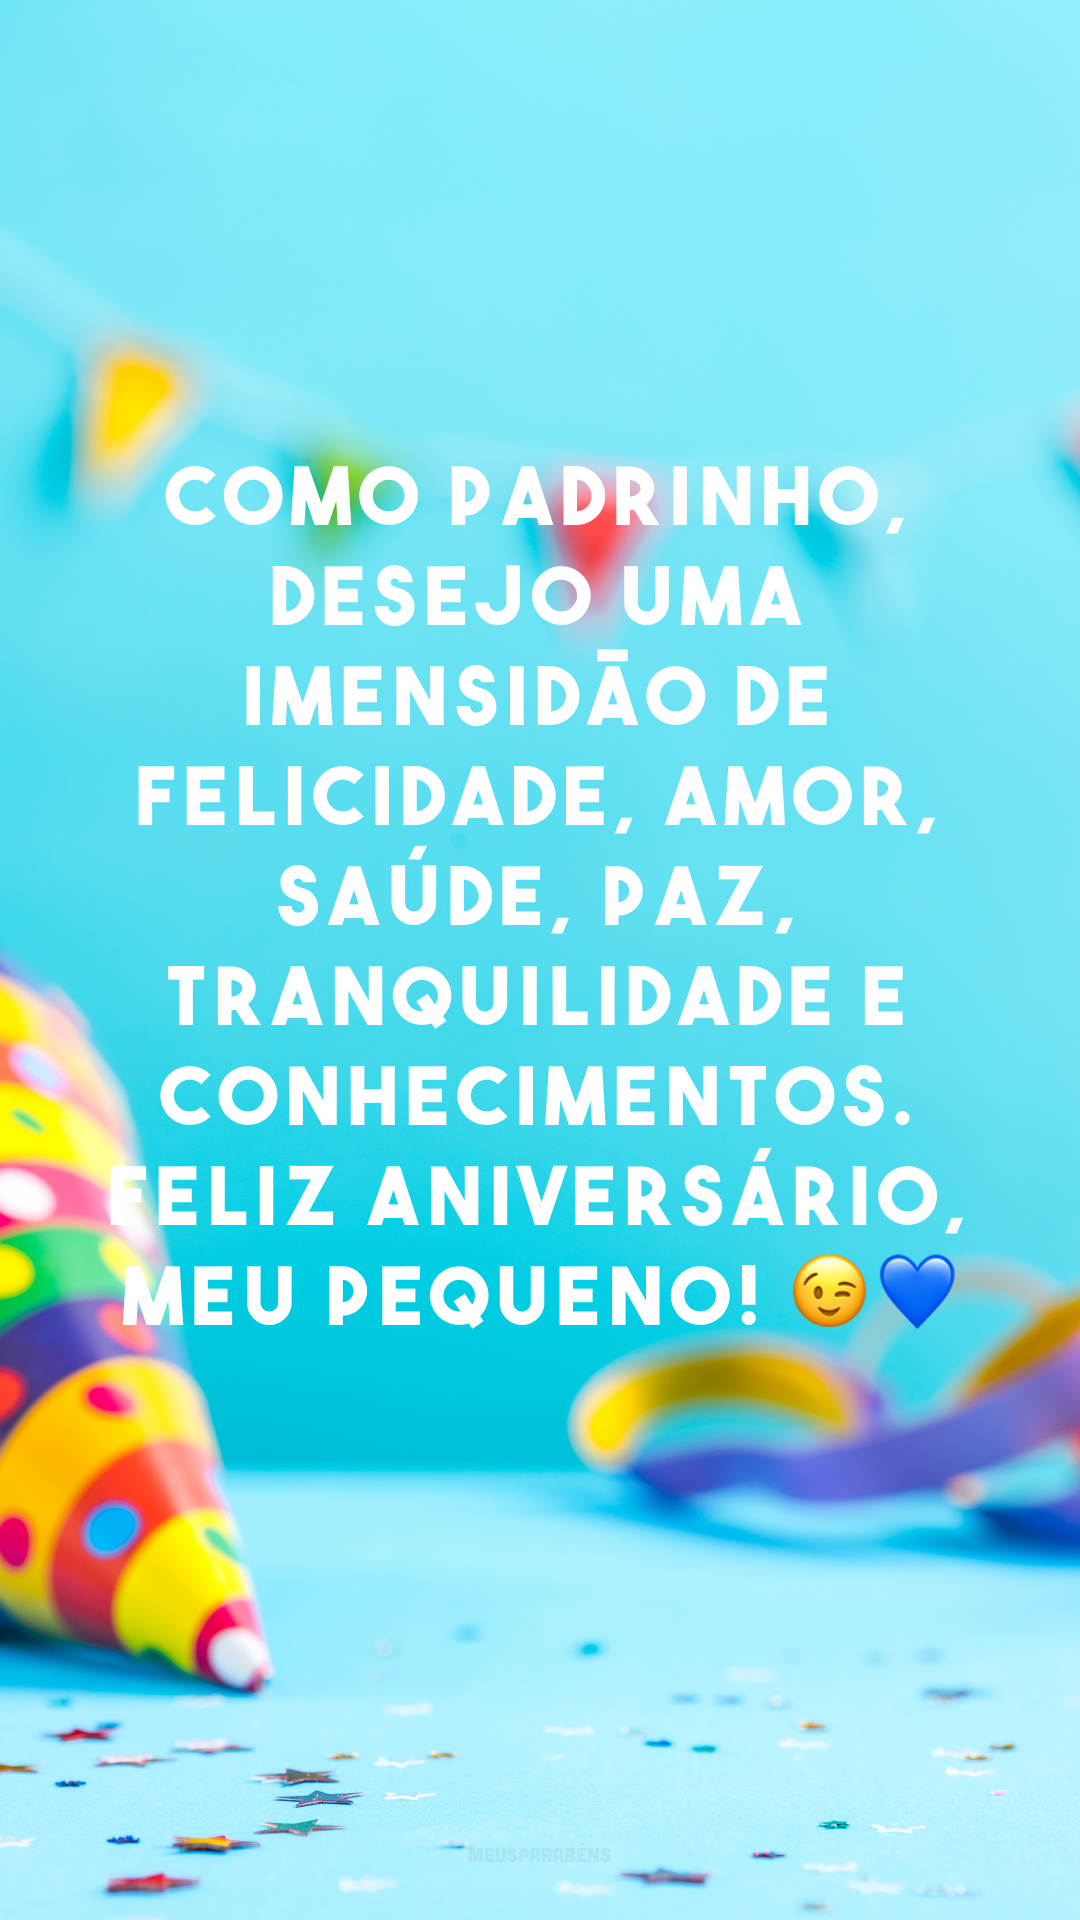 Como padrinho, desejo uma imensidão de felicidade, amor, saúde, paz, tranquilidade e conhecimentos. Feliz aniversário, meu pequeno! 😉💙